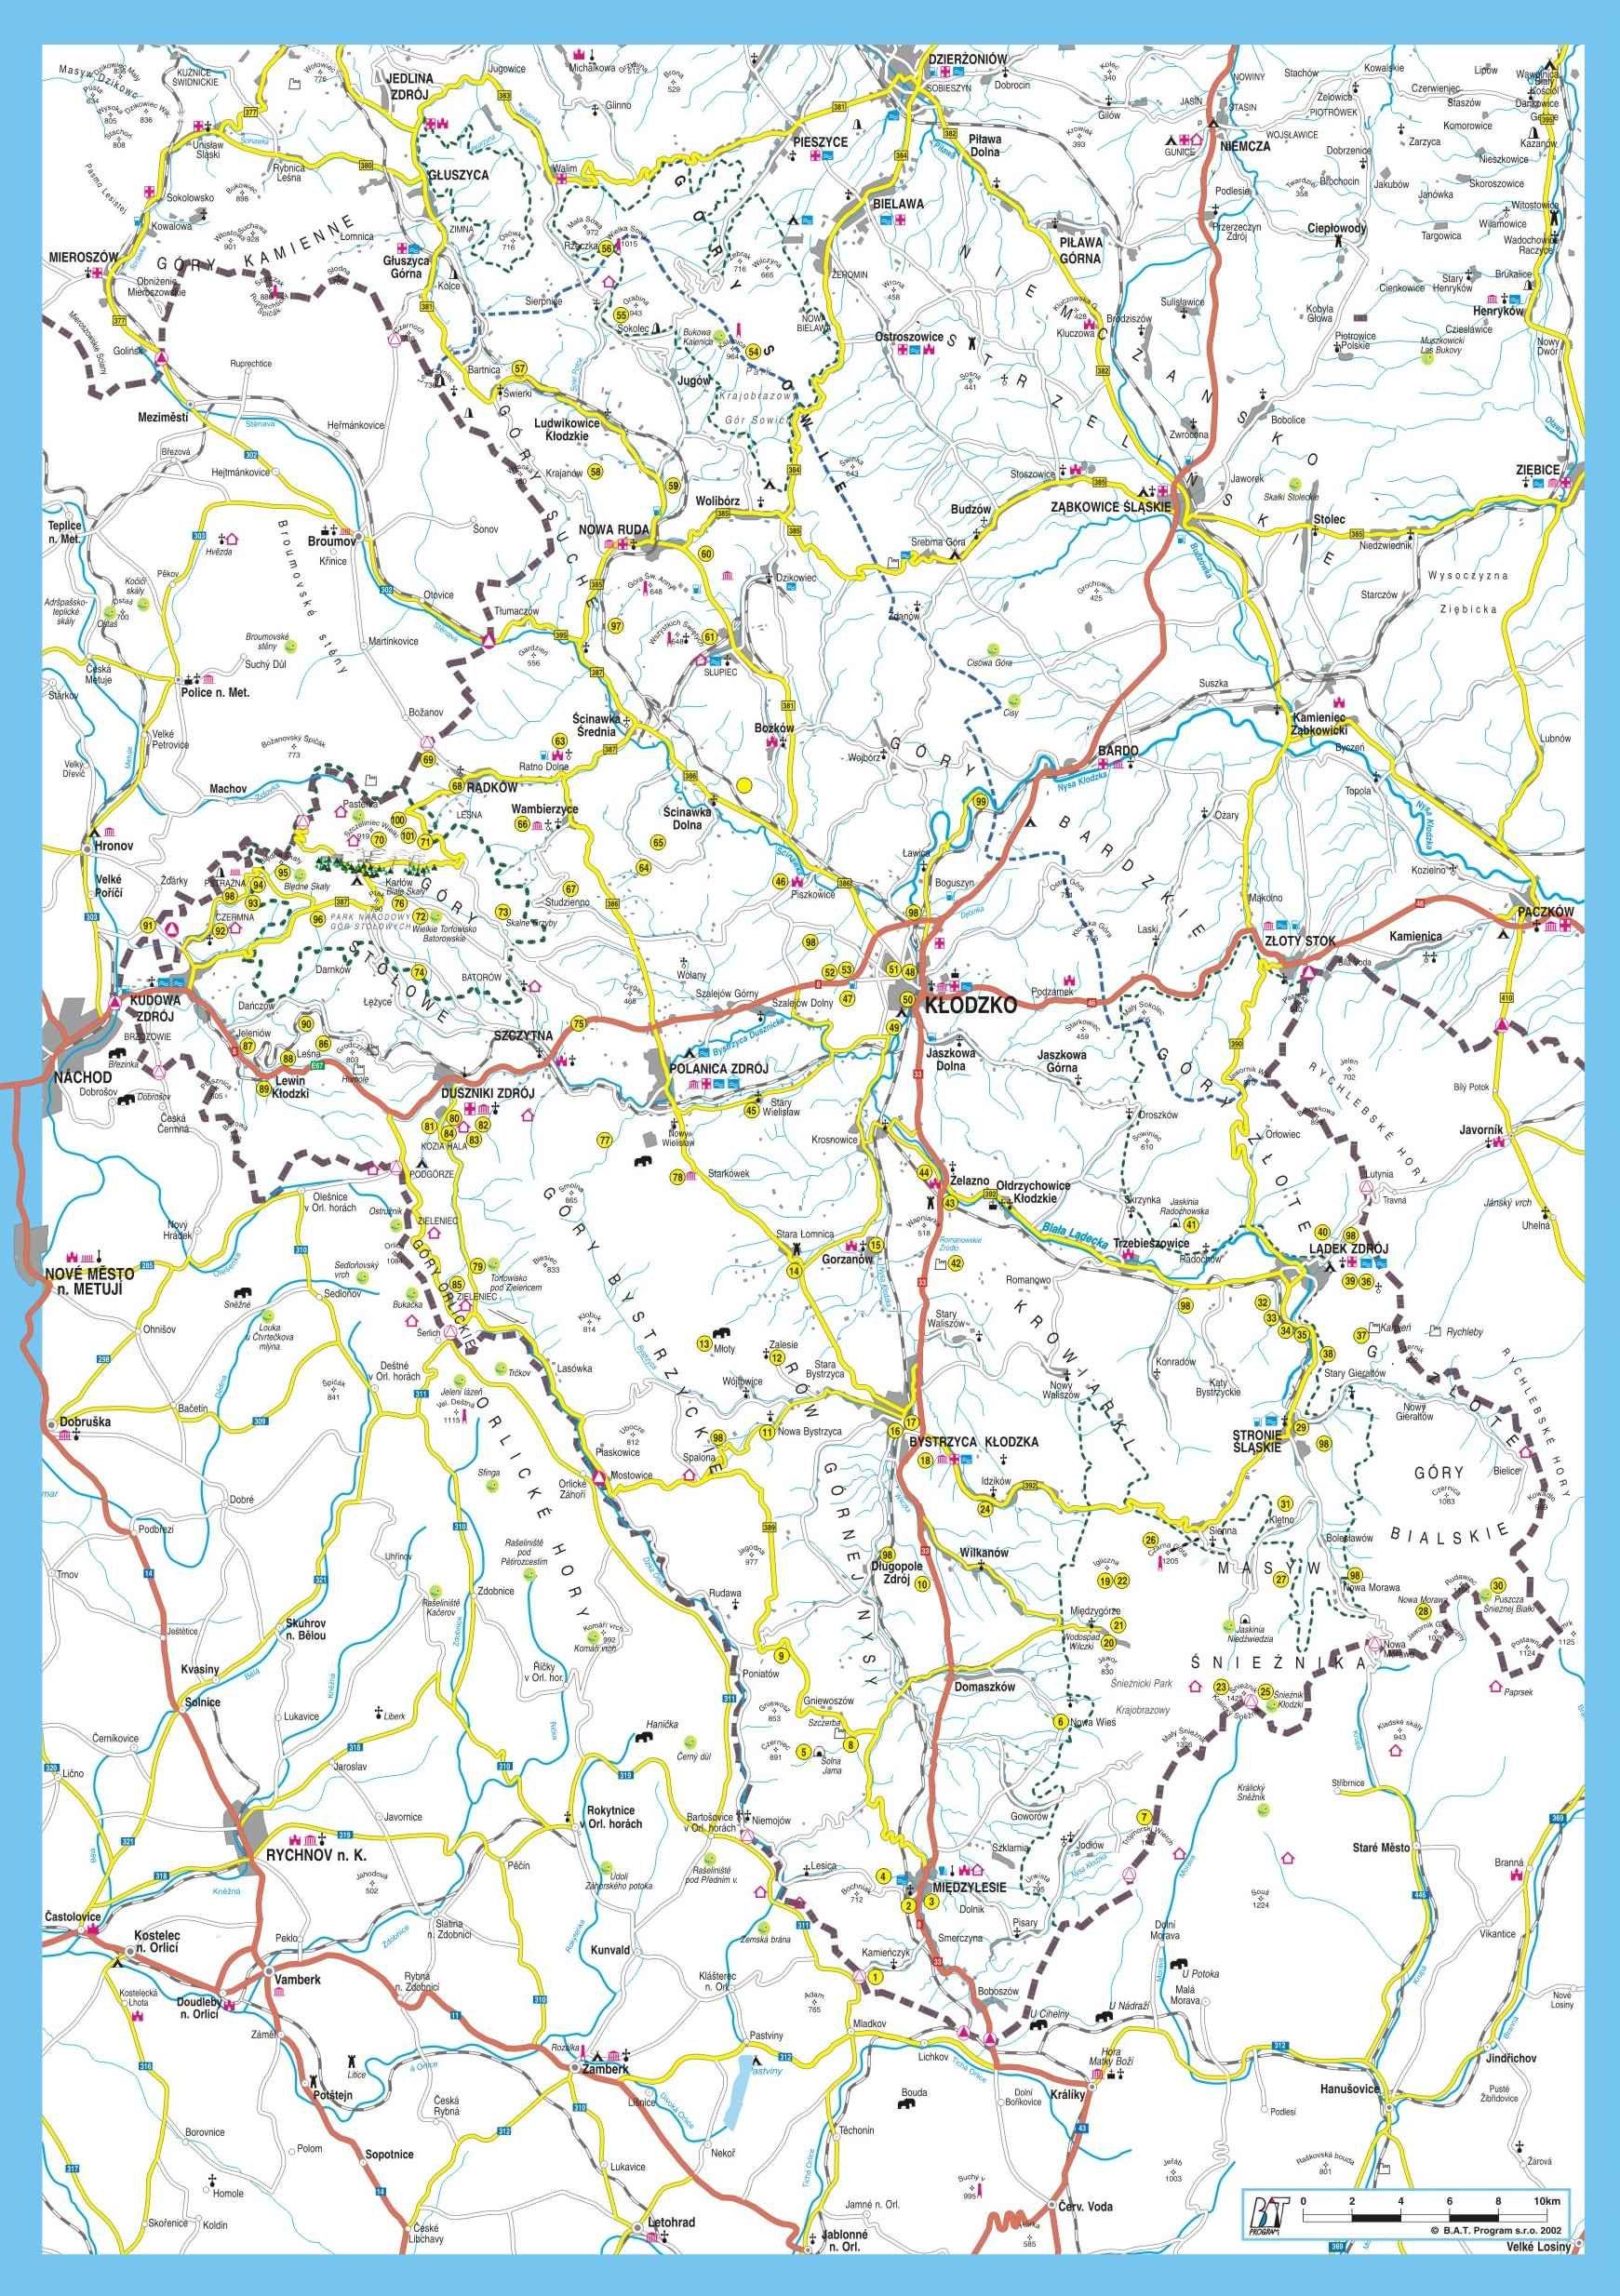 Ziemia Klodzka Mapa 101 Atrakcji Turystycznych Turystyka Mapa